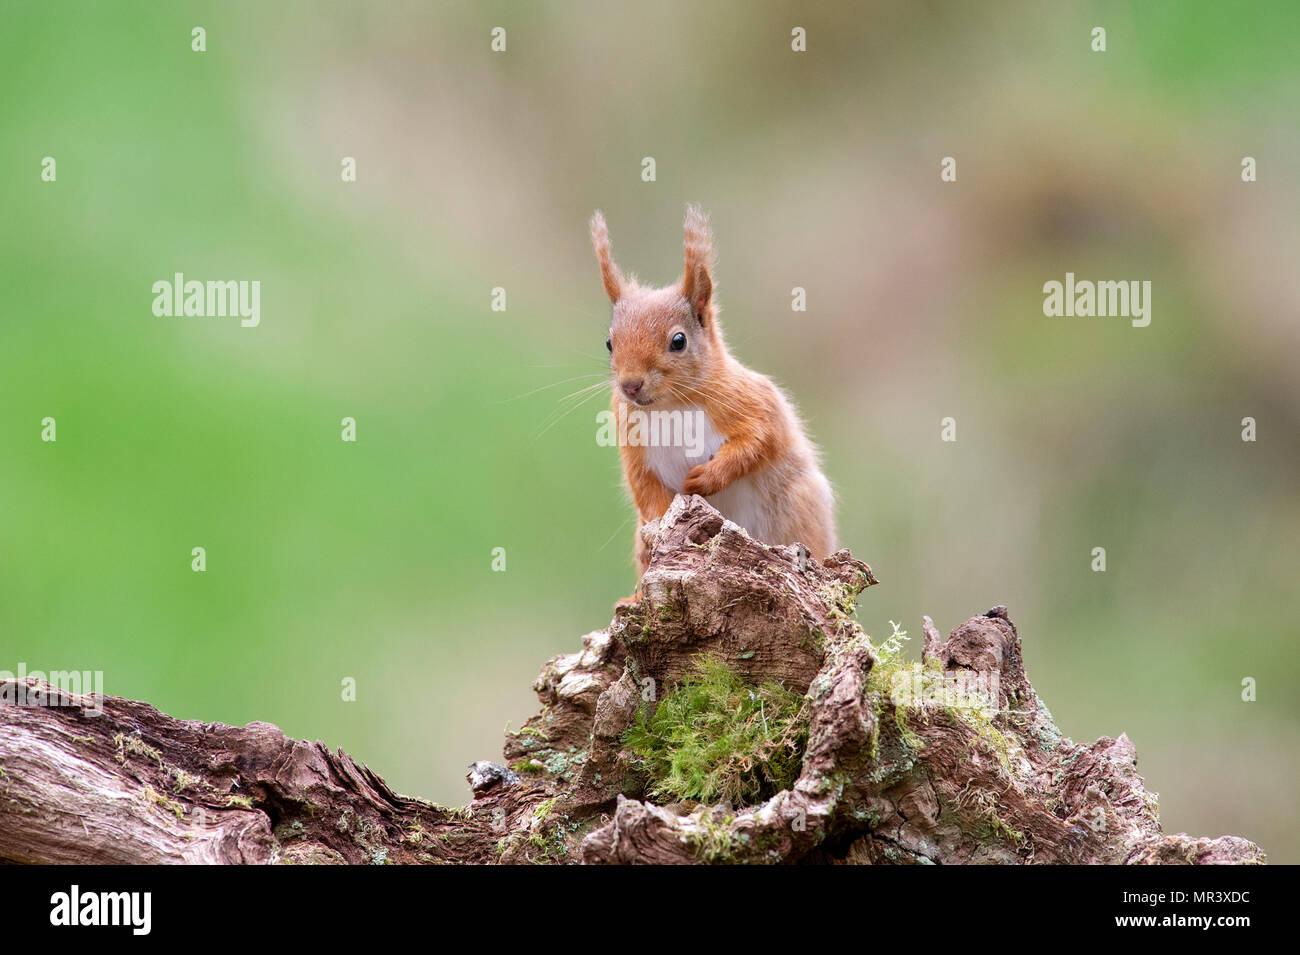 Una ardilla roja (Sciurus vulgaris) en los bosques de Dumfries y Galloway, Escocia, Reino Unido Foto de stock